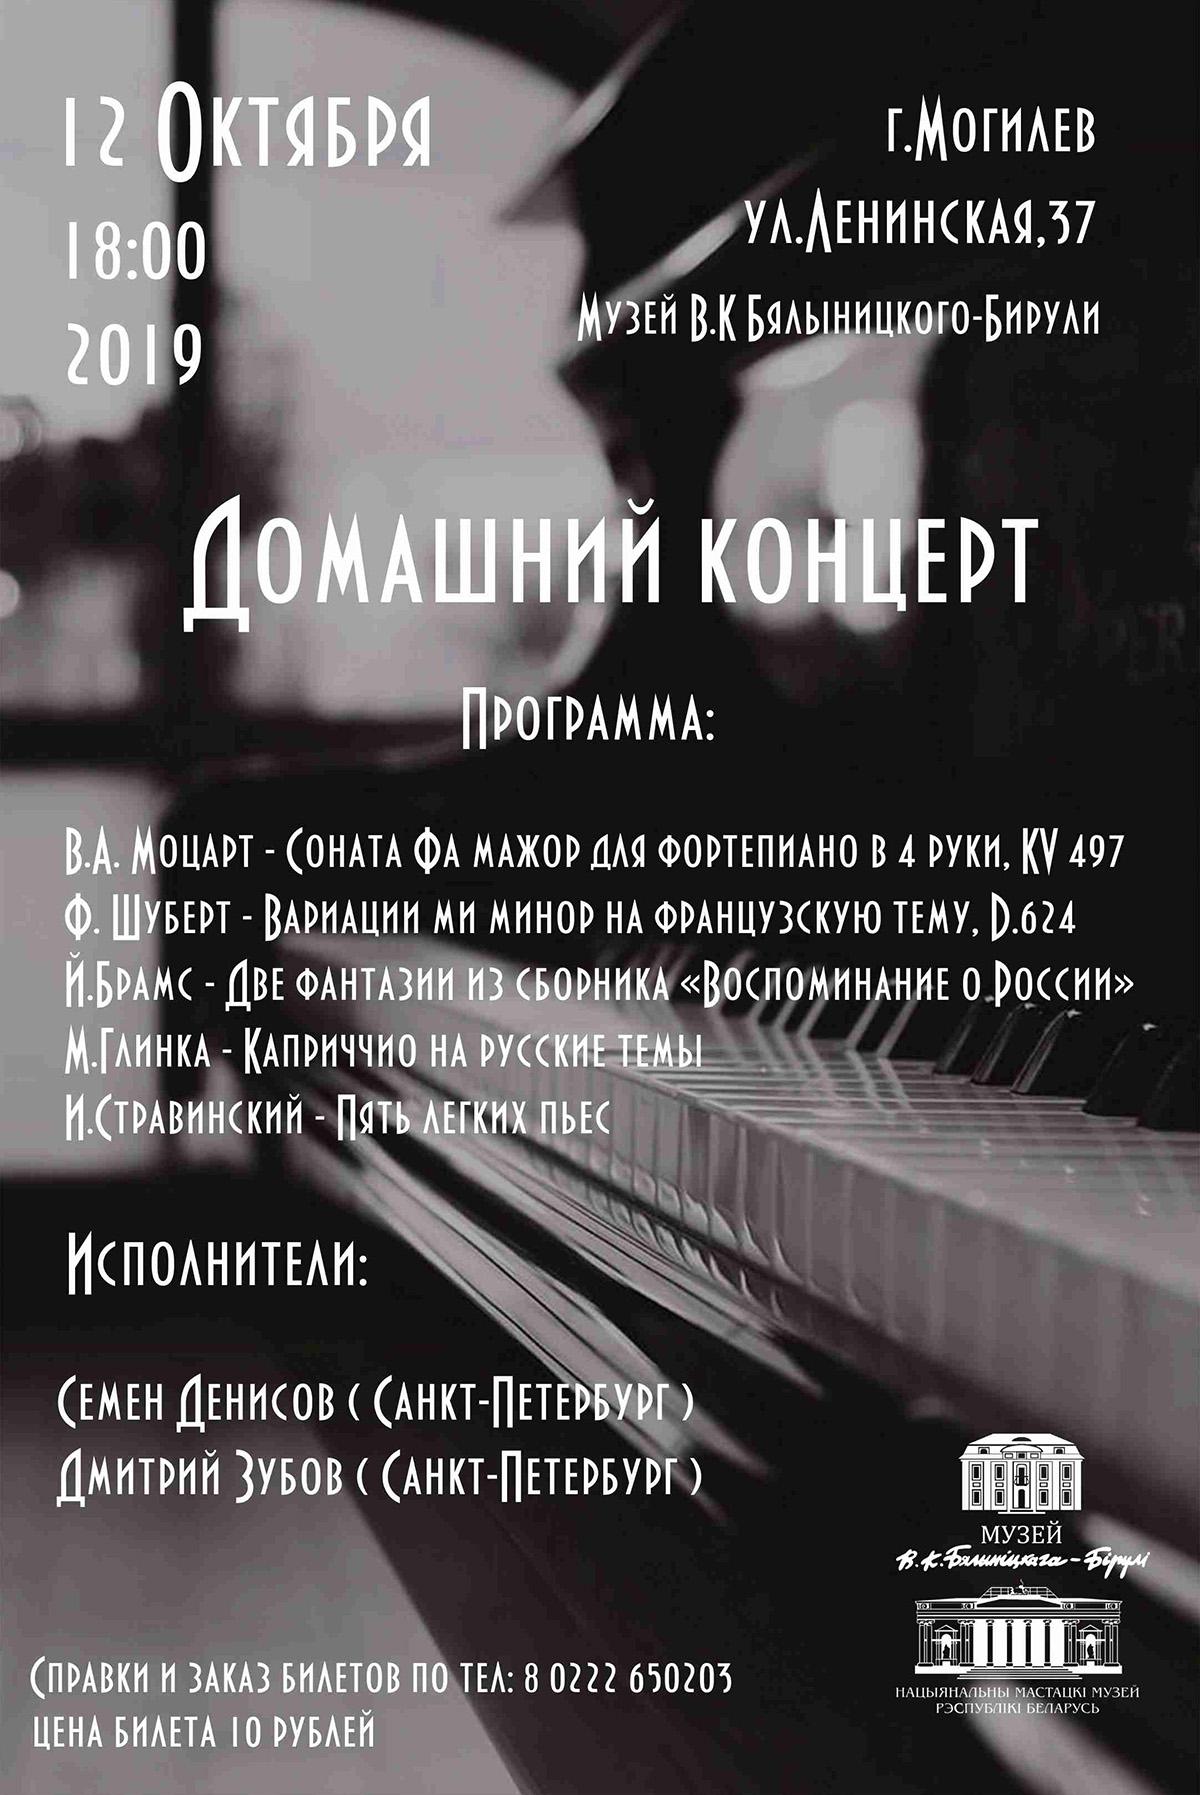 Домашний концерт